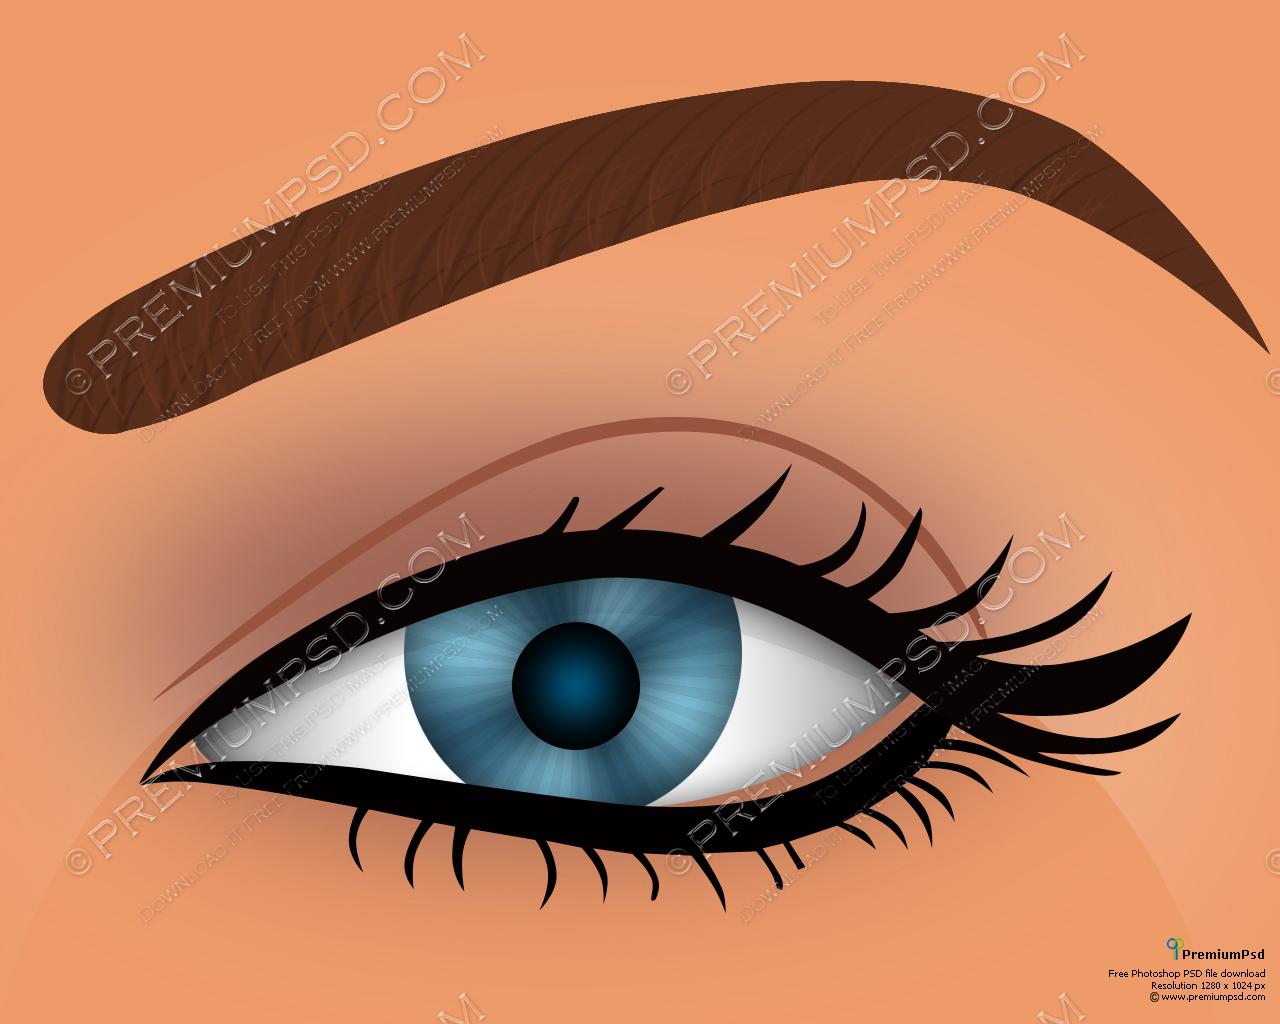 Women's Eyes Vector